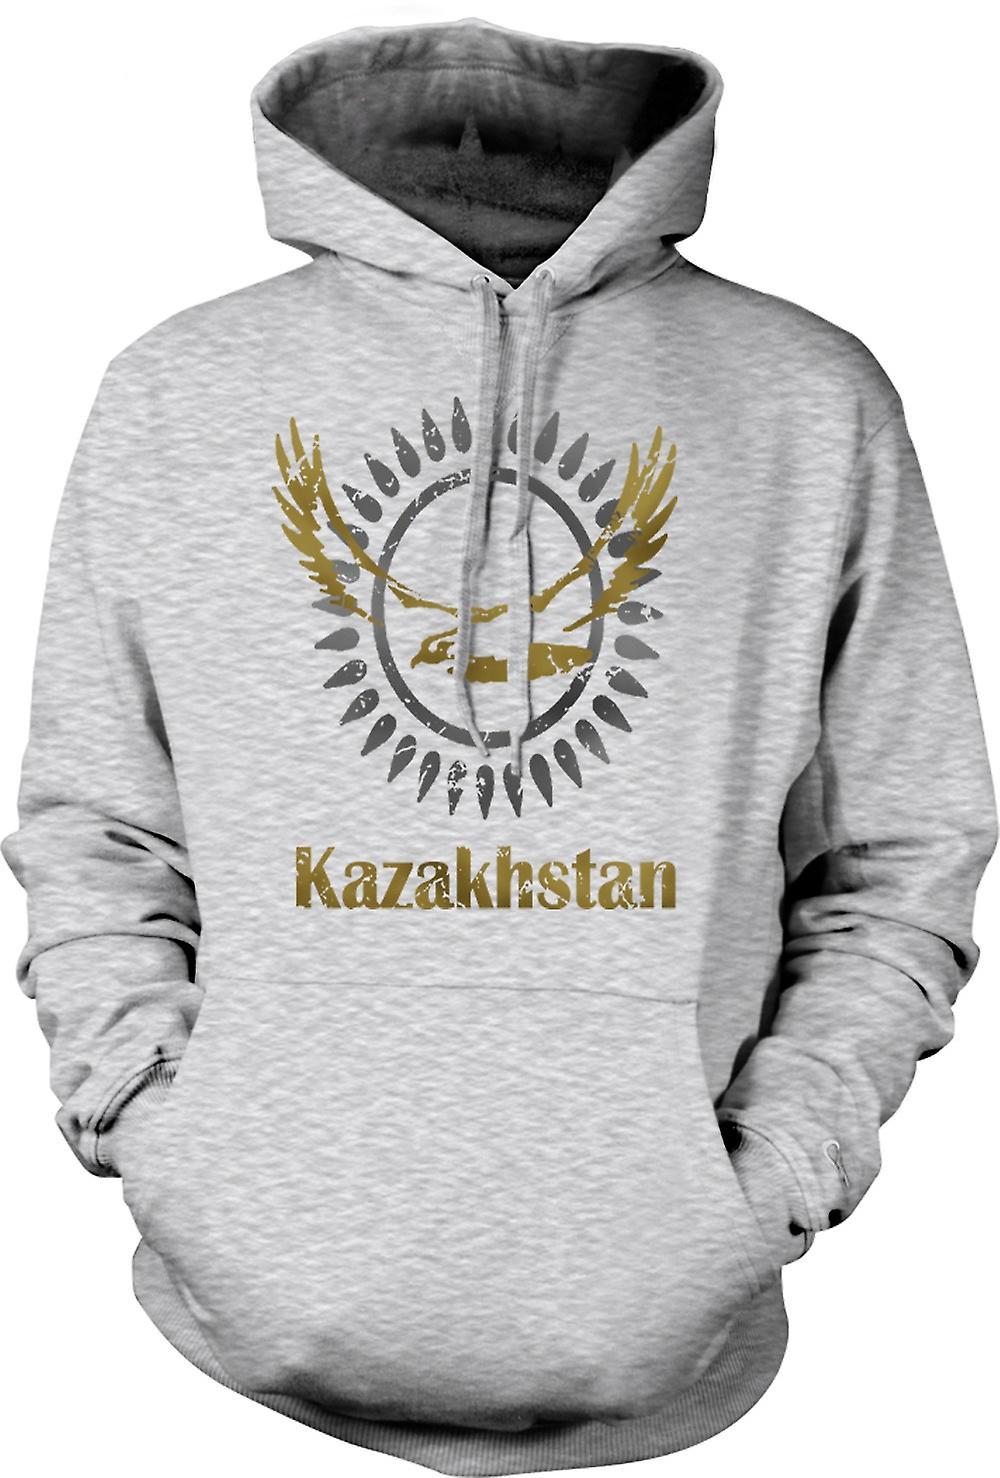 Mens hettegenser - Kasakhstan - Cool Design Funny